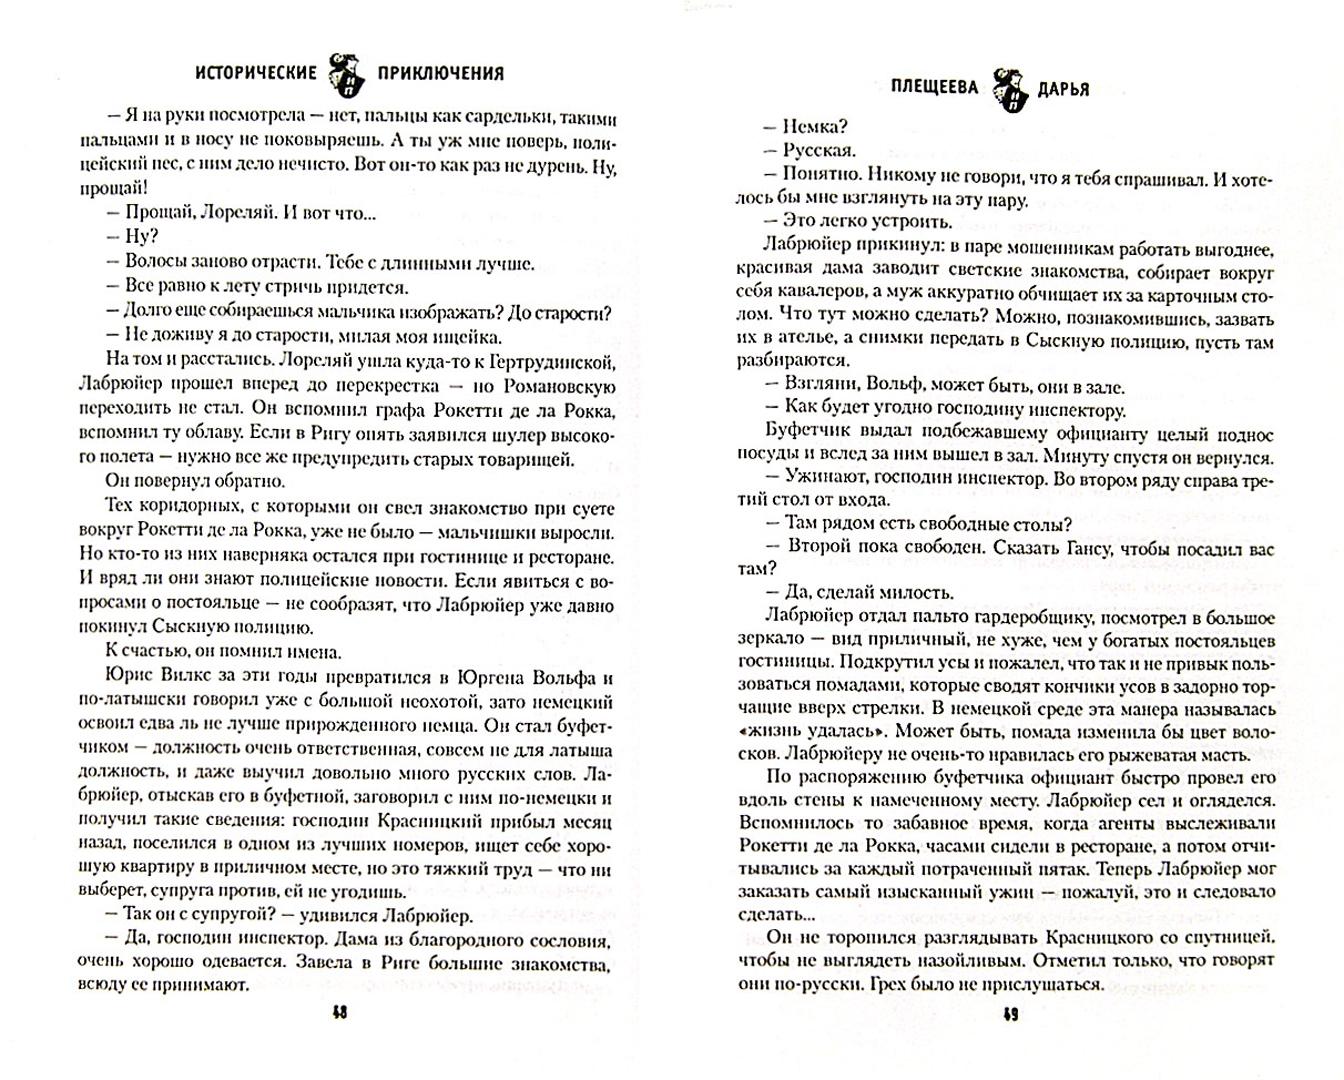 Иллюстрация 1 из 18 для Батареи Магнусхольма - Дарья Плещеева | Лабиринт - книги. Источник: Лабиринт